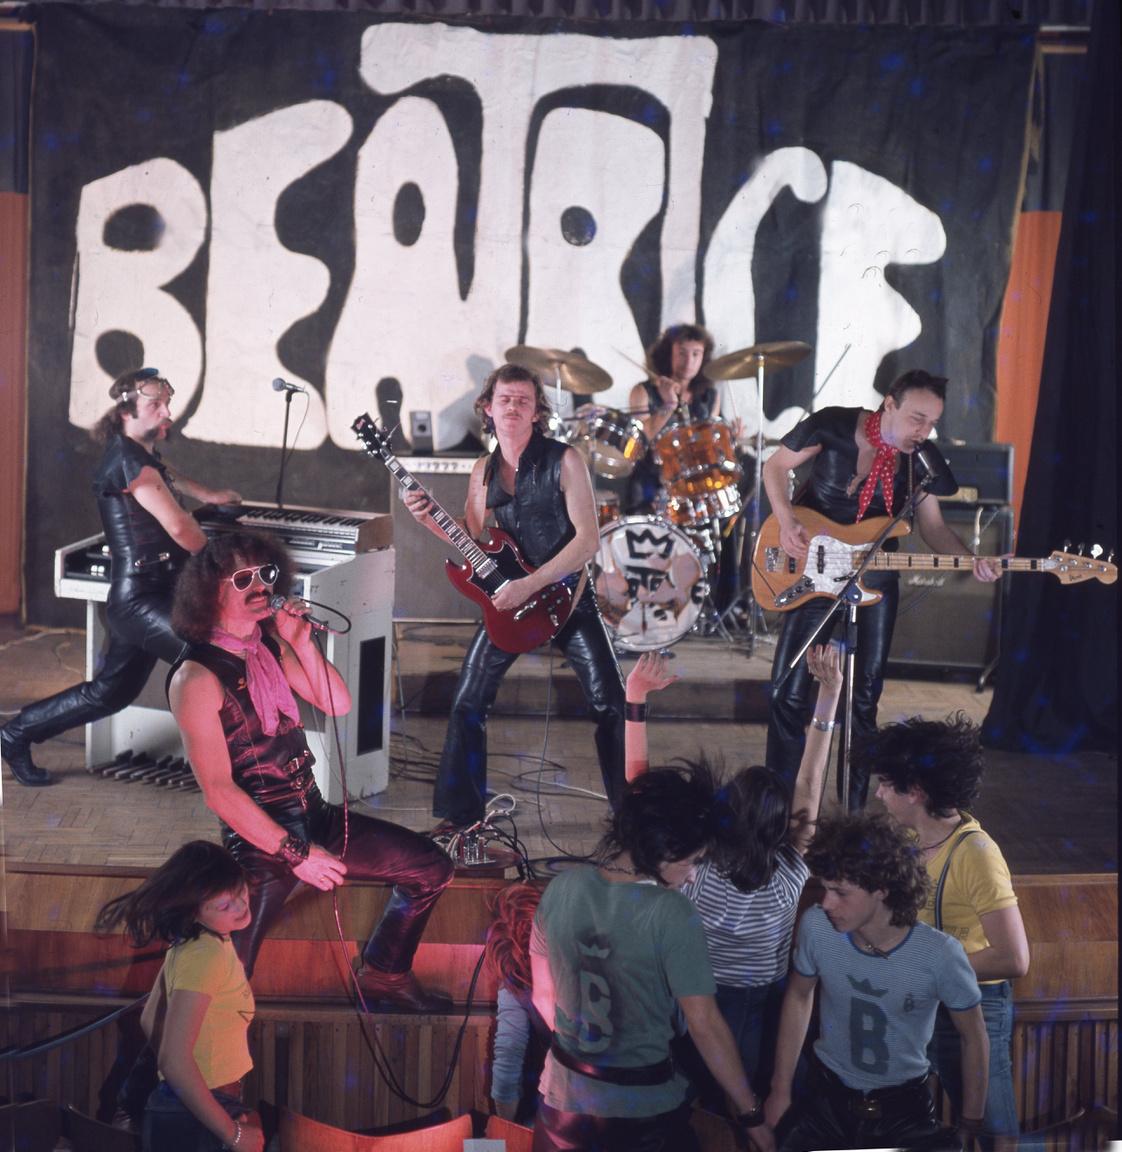 Ha már Gidófalvy, a billentyűs még a Karthago beszállt az 1978-ban újjáalakuló Beatricébe, ami új, bluesosabb hangzásra állt át, és egy ideig AC/DC-t, Deep Purple-t és Ramonest játszottak. Ez a kép azért is különleges, mert Gidófalvy mindössze egy évig játszott együtt Nagy Feróékkal, majd otthagyta a zenekart a Karthago kedvéért.